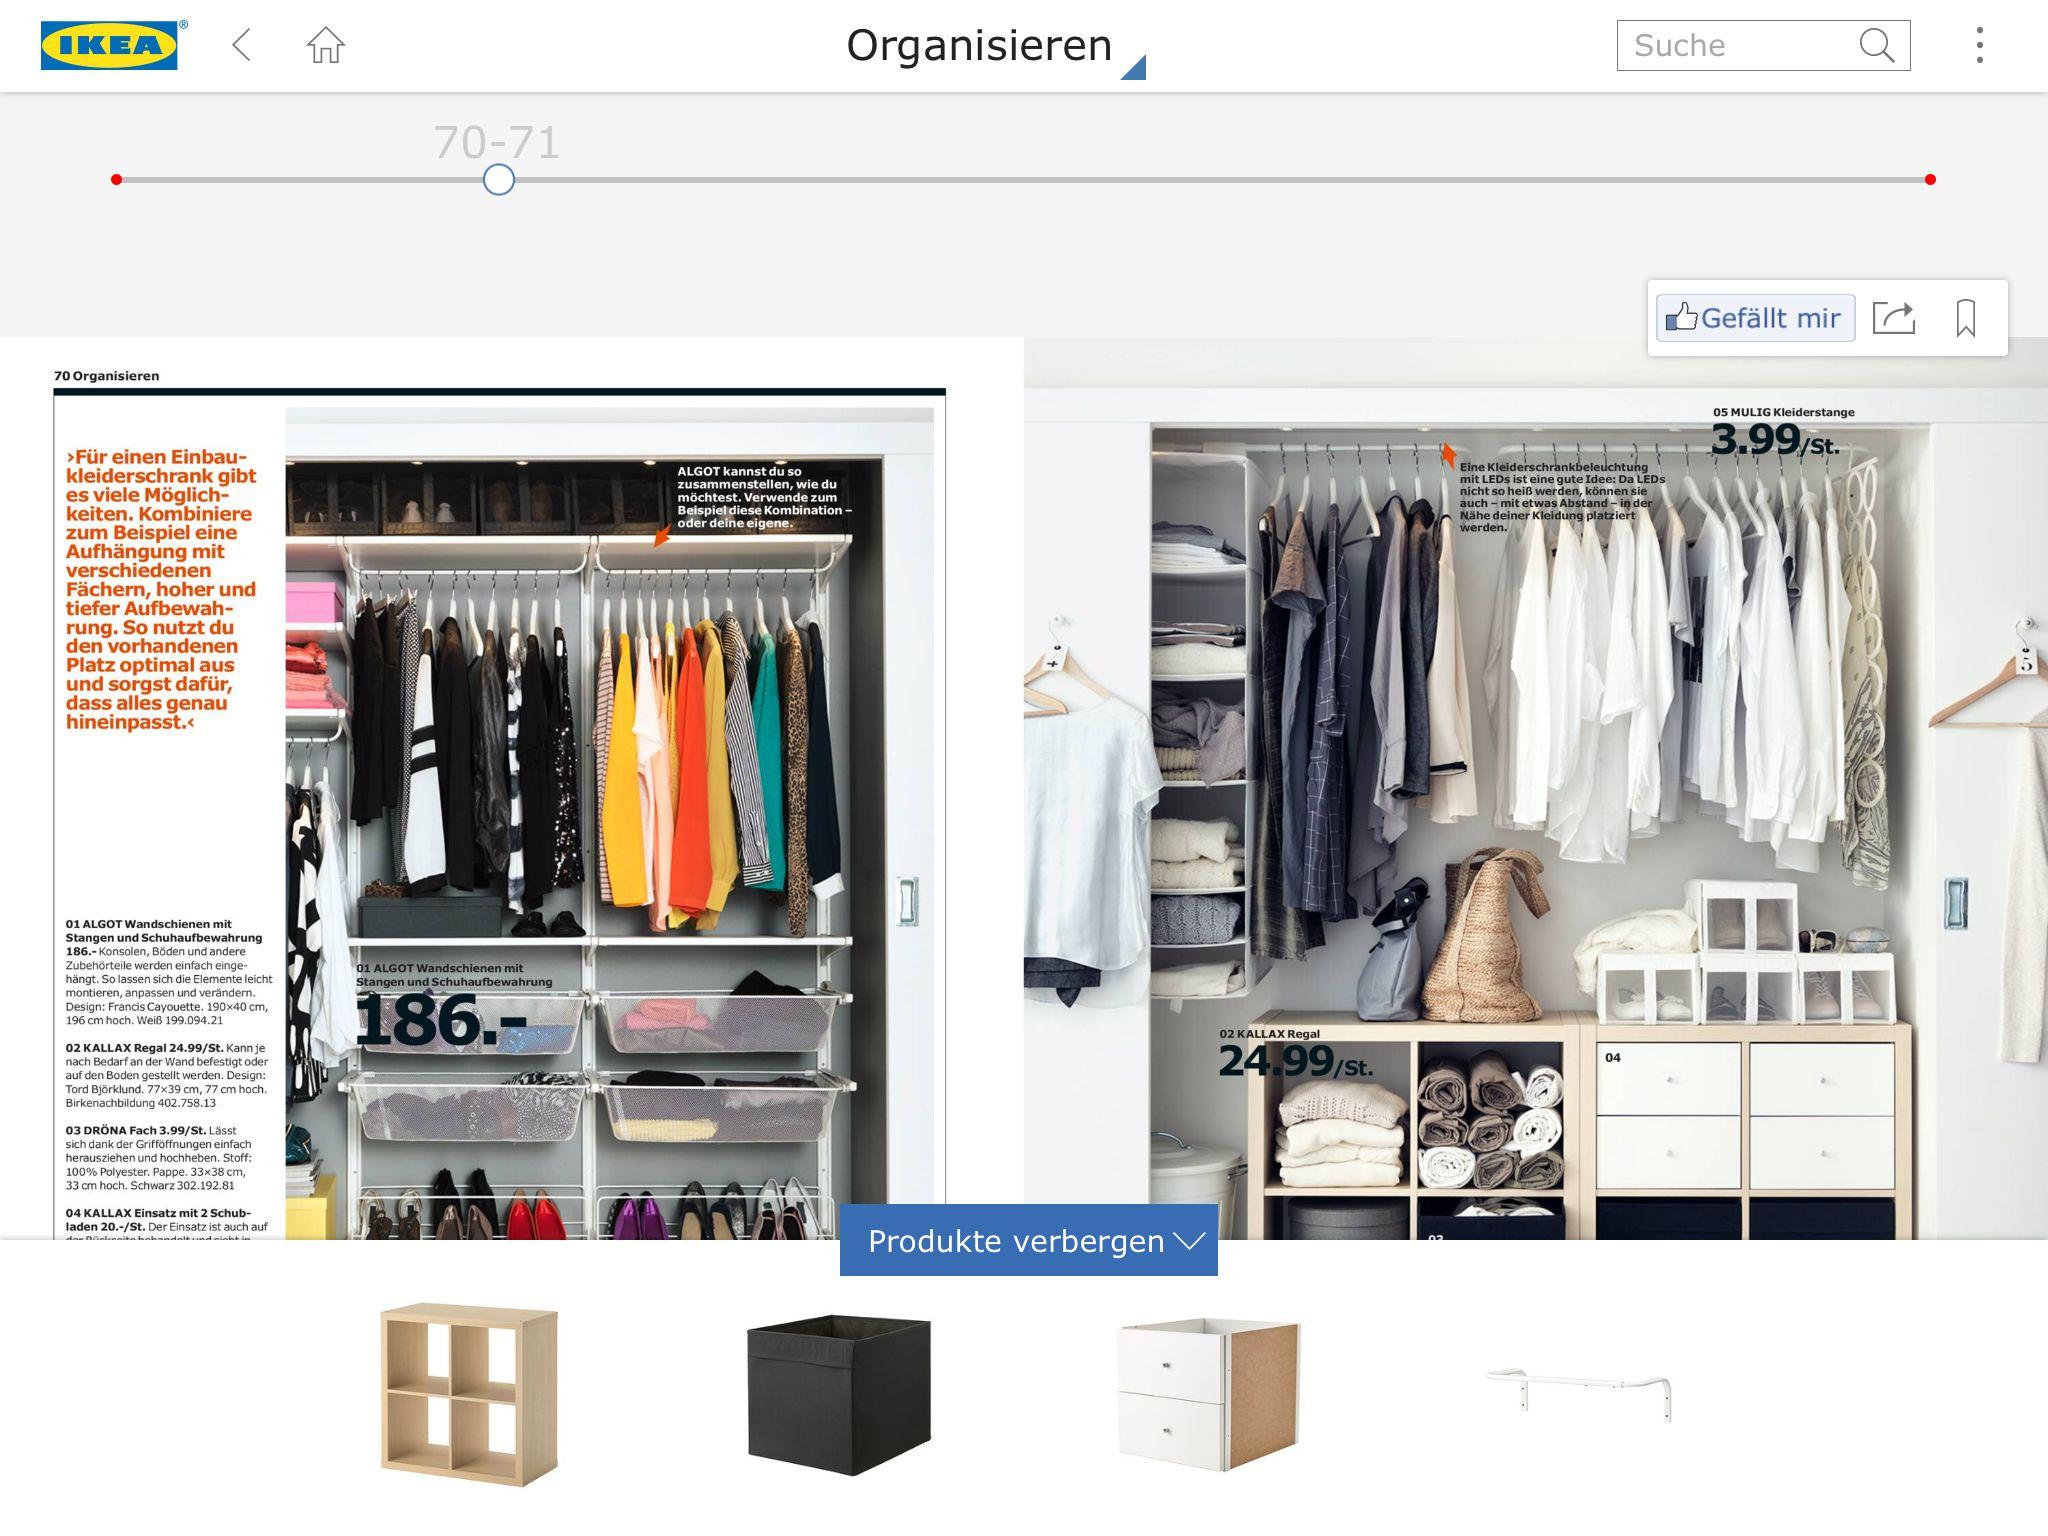 Innenleben Kleiderschrank Kleiderschrank Wohnung Design